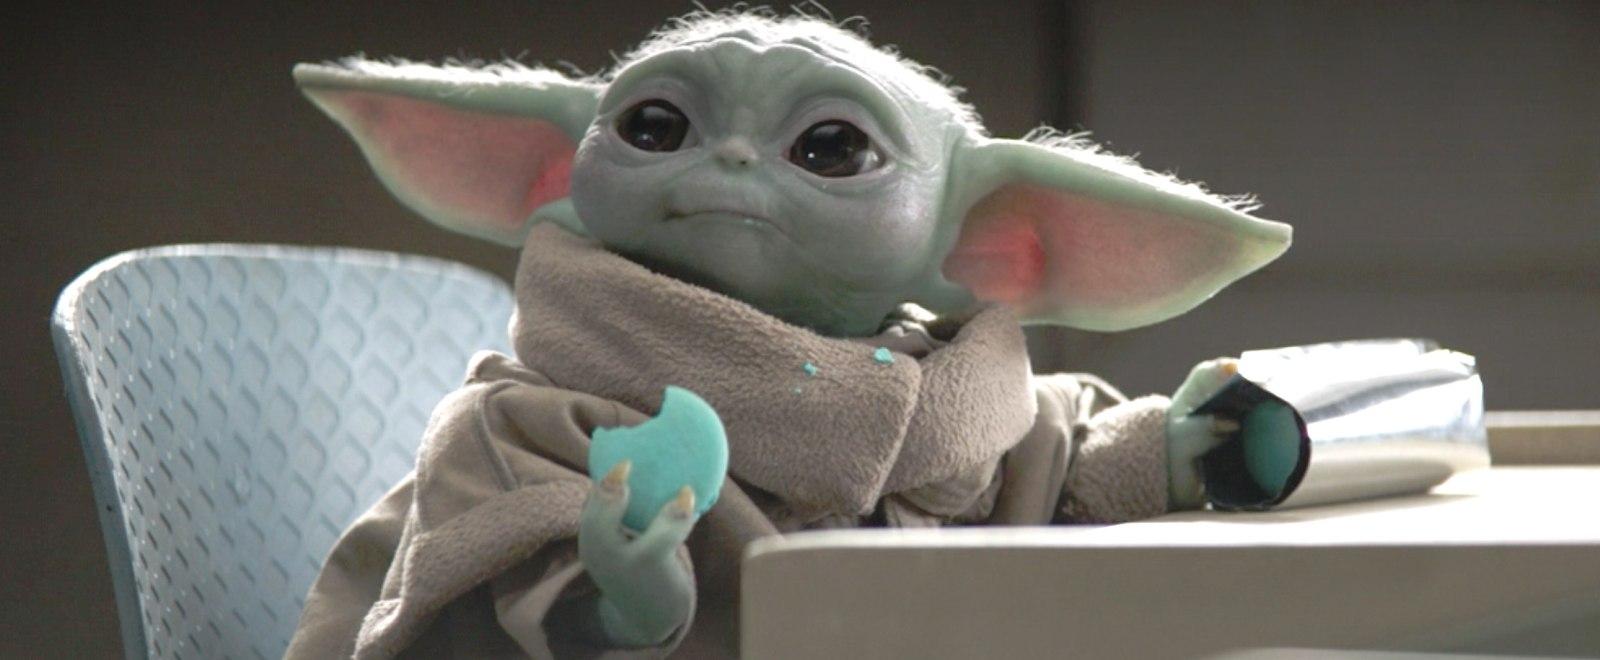 baby-yoda-macaron.jpg